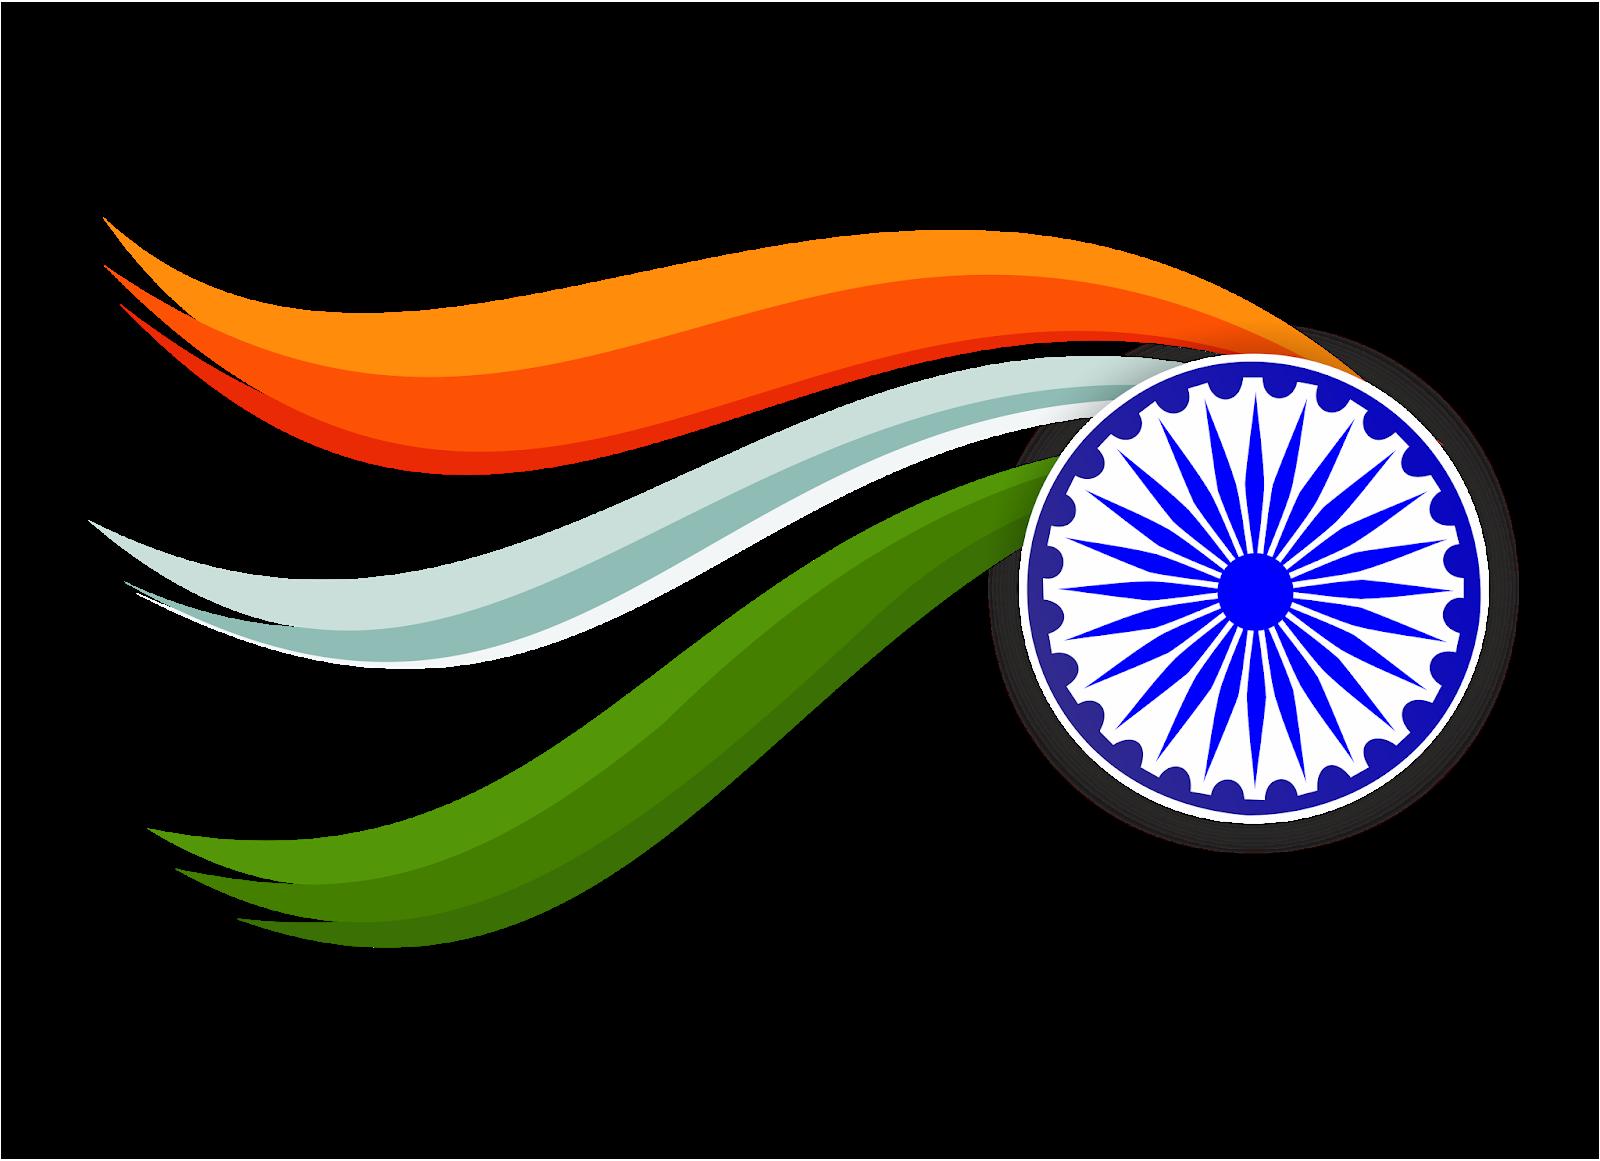 FREE DOWNLOAD DESIGN : TIRANGA INDIAN FLAG IN PNG FILE.